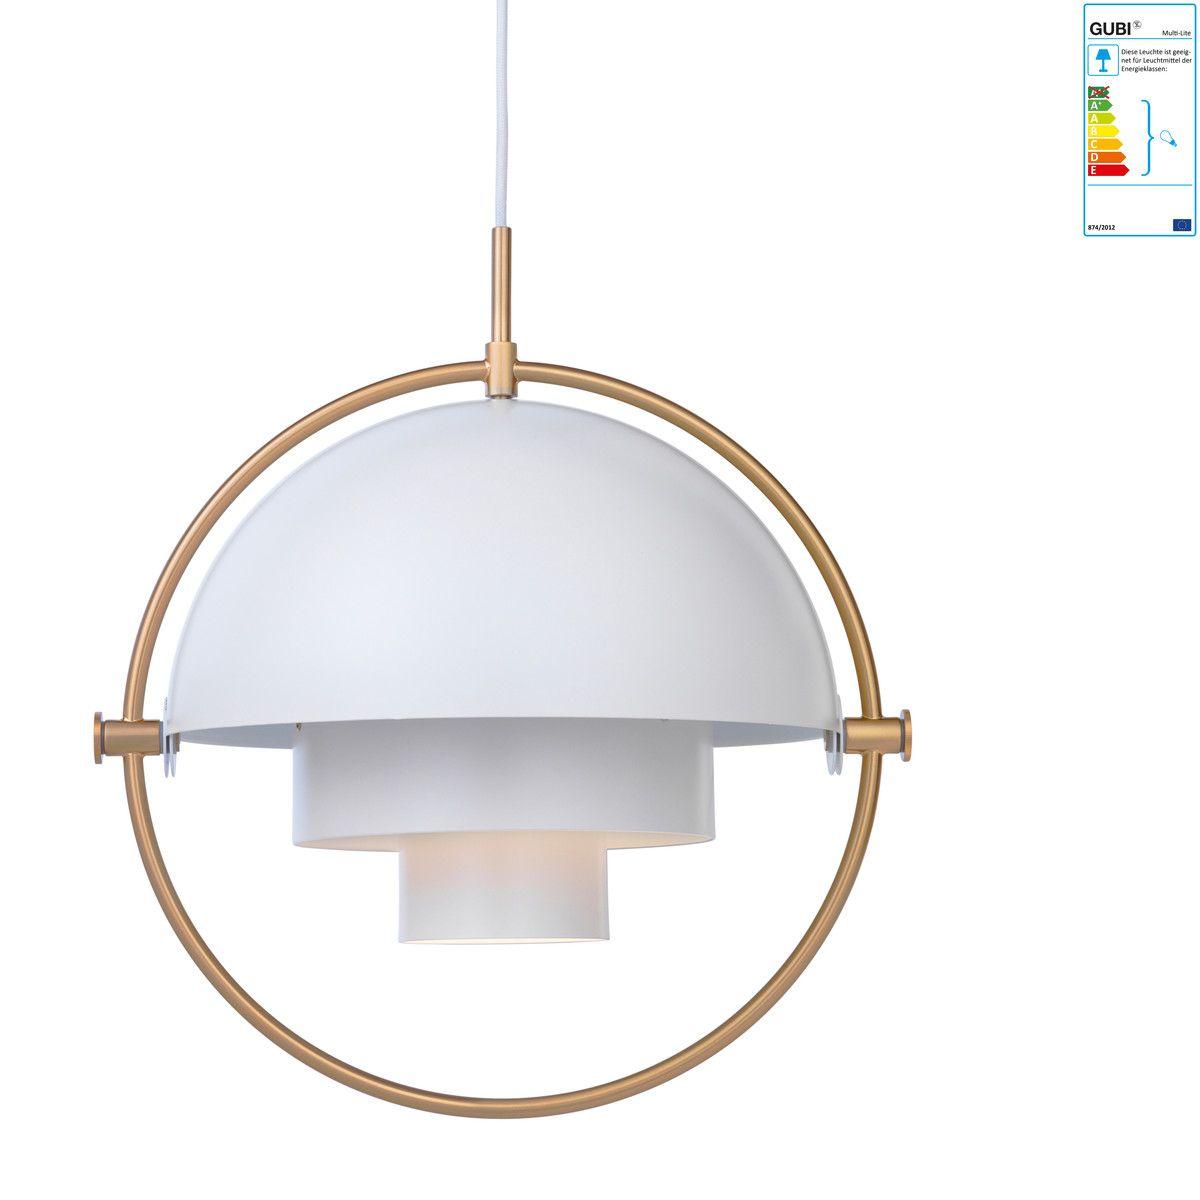 Gubi Multi Lite Pendelleuchte O 36 Cm Messing Weiss Schwarz Online Kaufen Bei Woonio Deckenleuchten Pendelleuchte Anhanger Beleuchtung